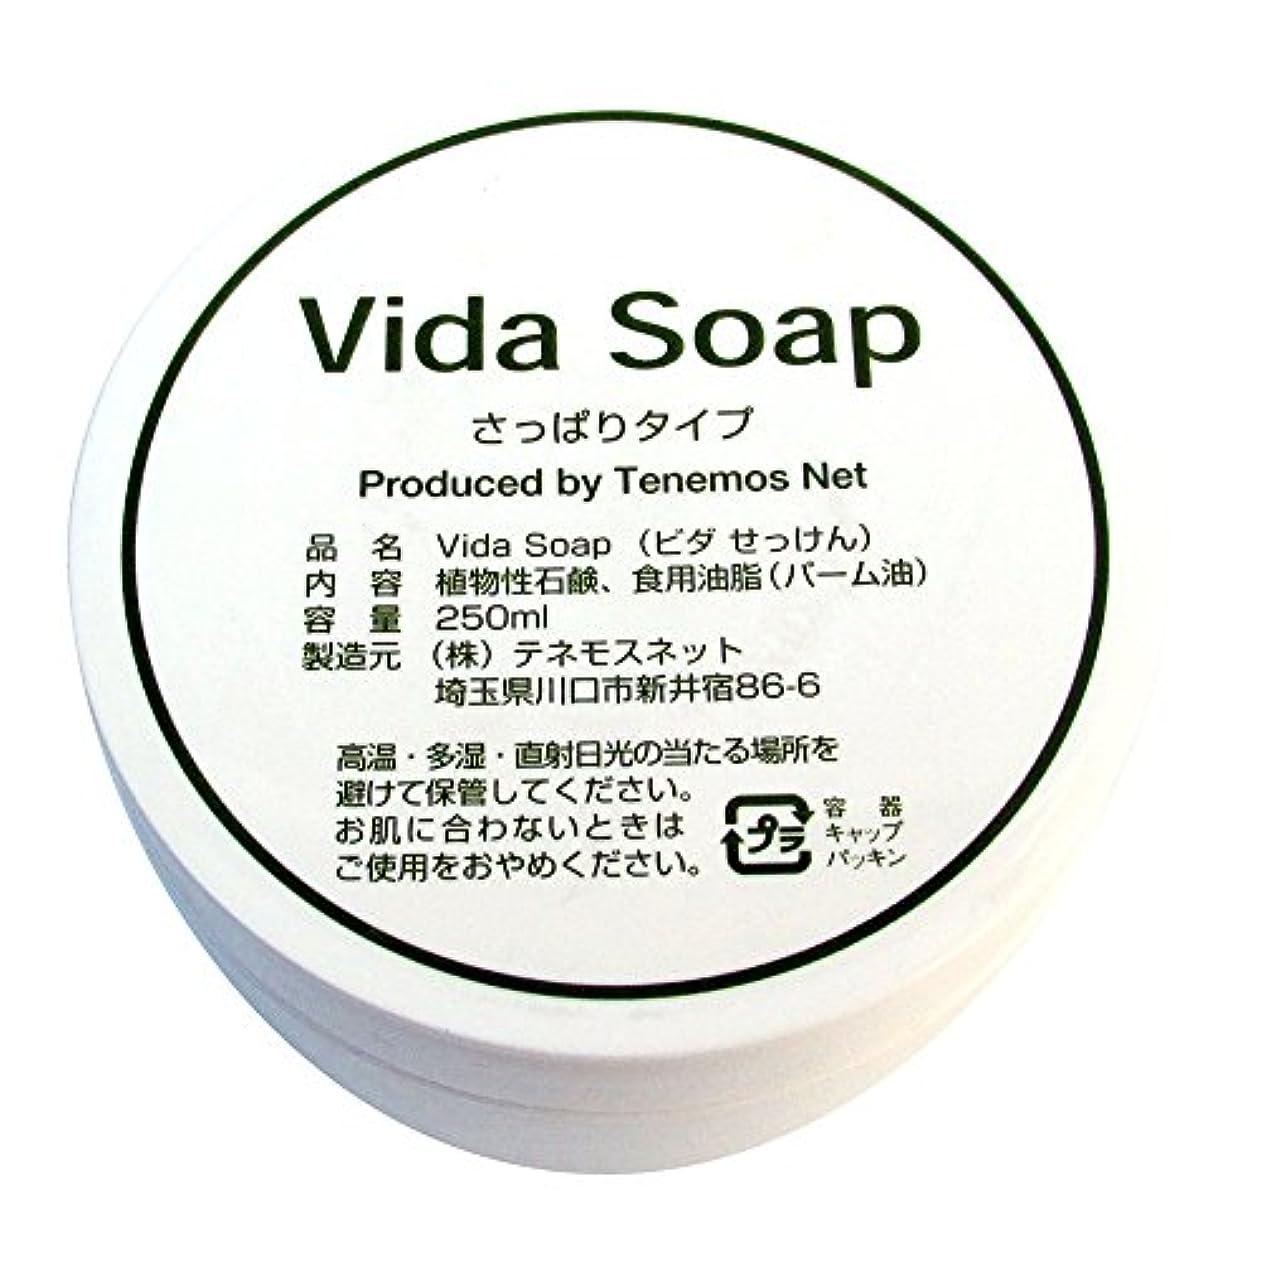 まもなくシェトランド諸島不格好テネモス ビダせっけん Vida Soap さっぱりノーマル 植物性 250ml